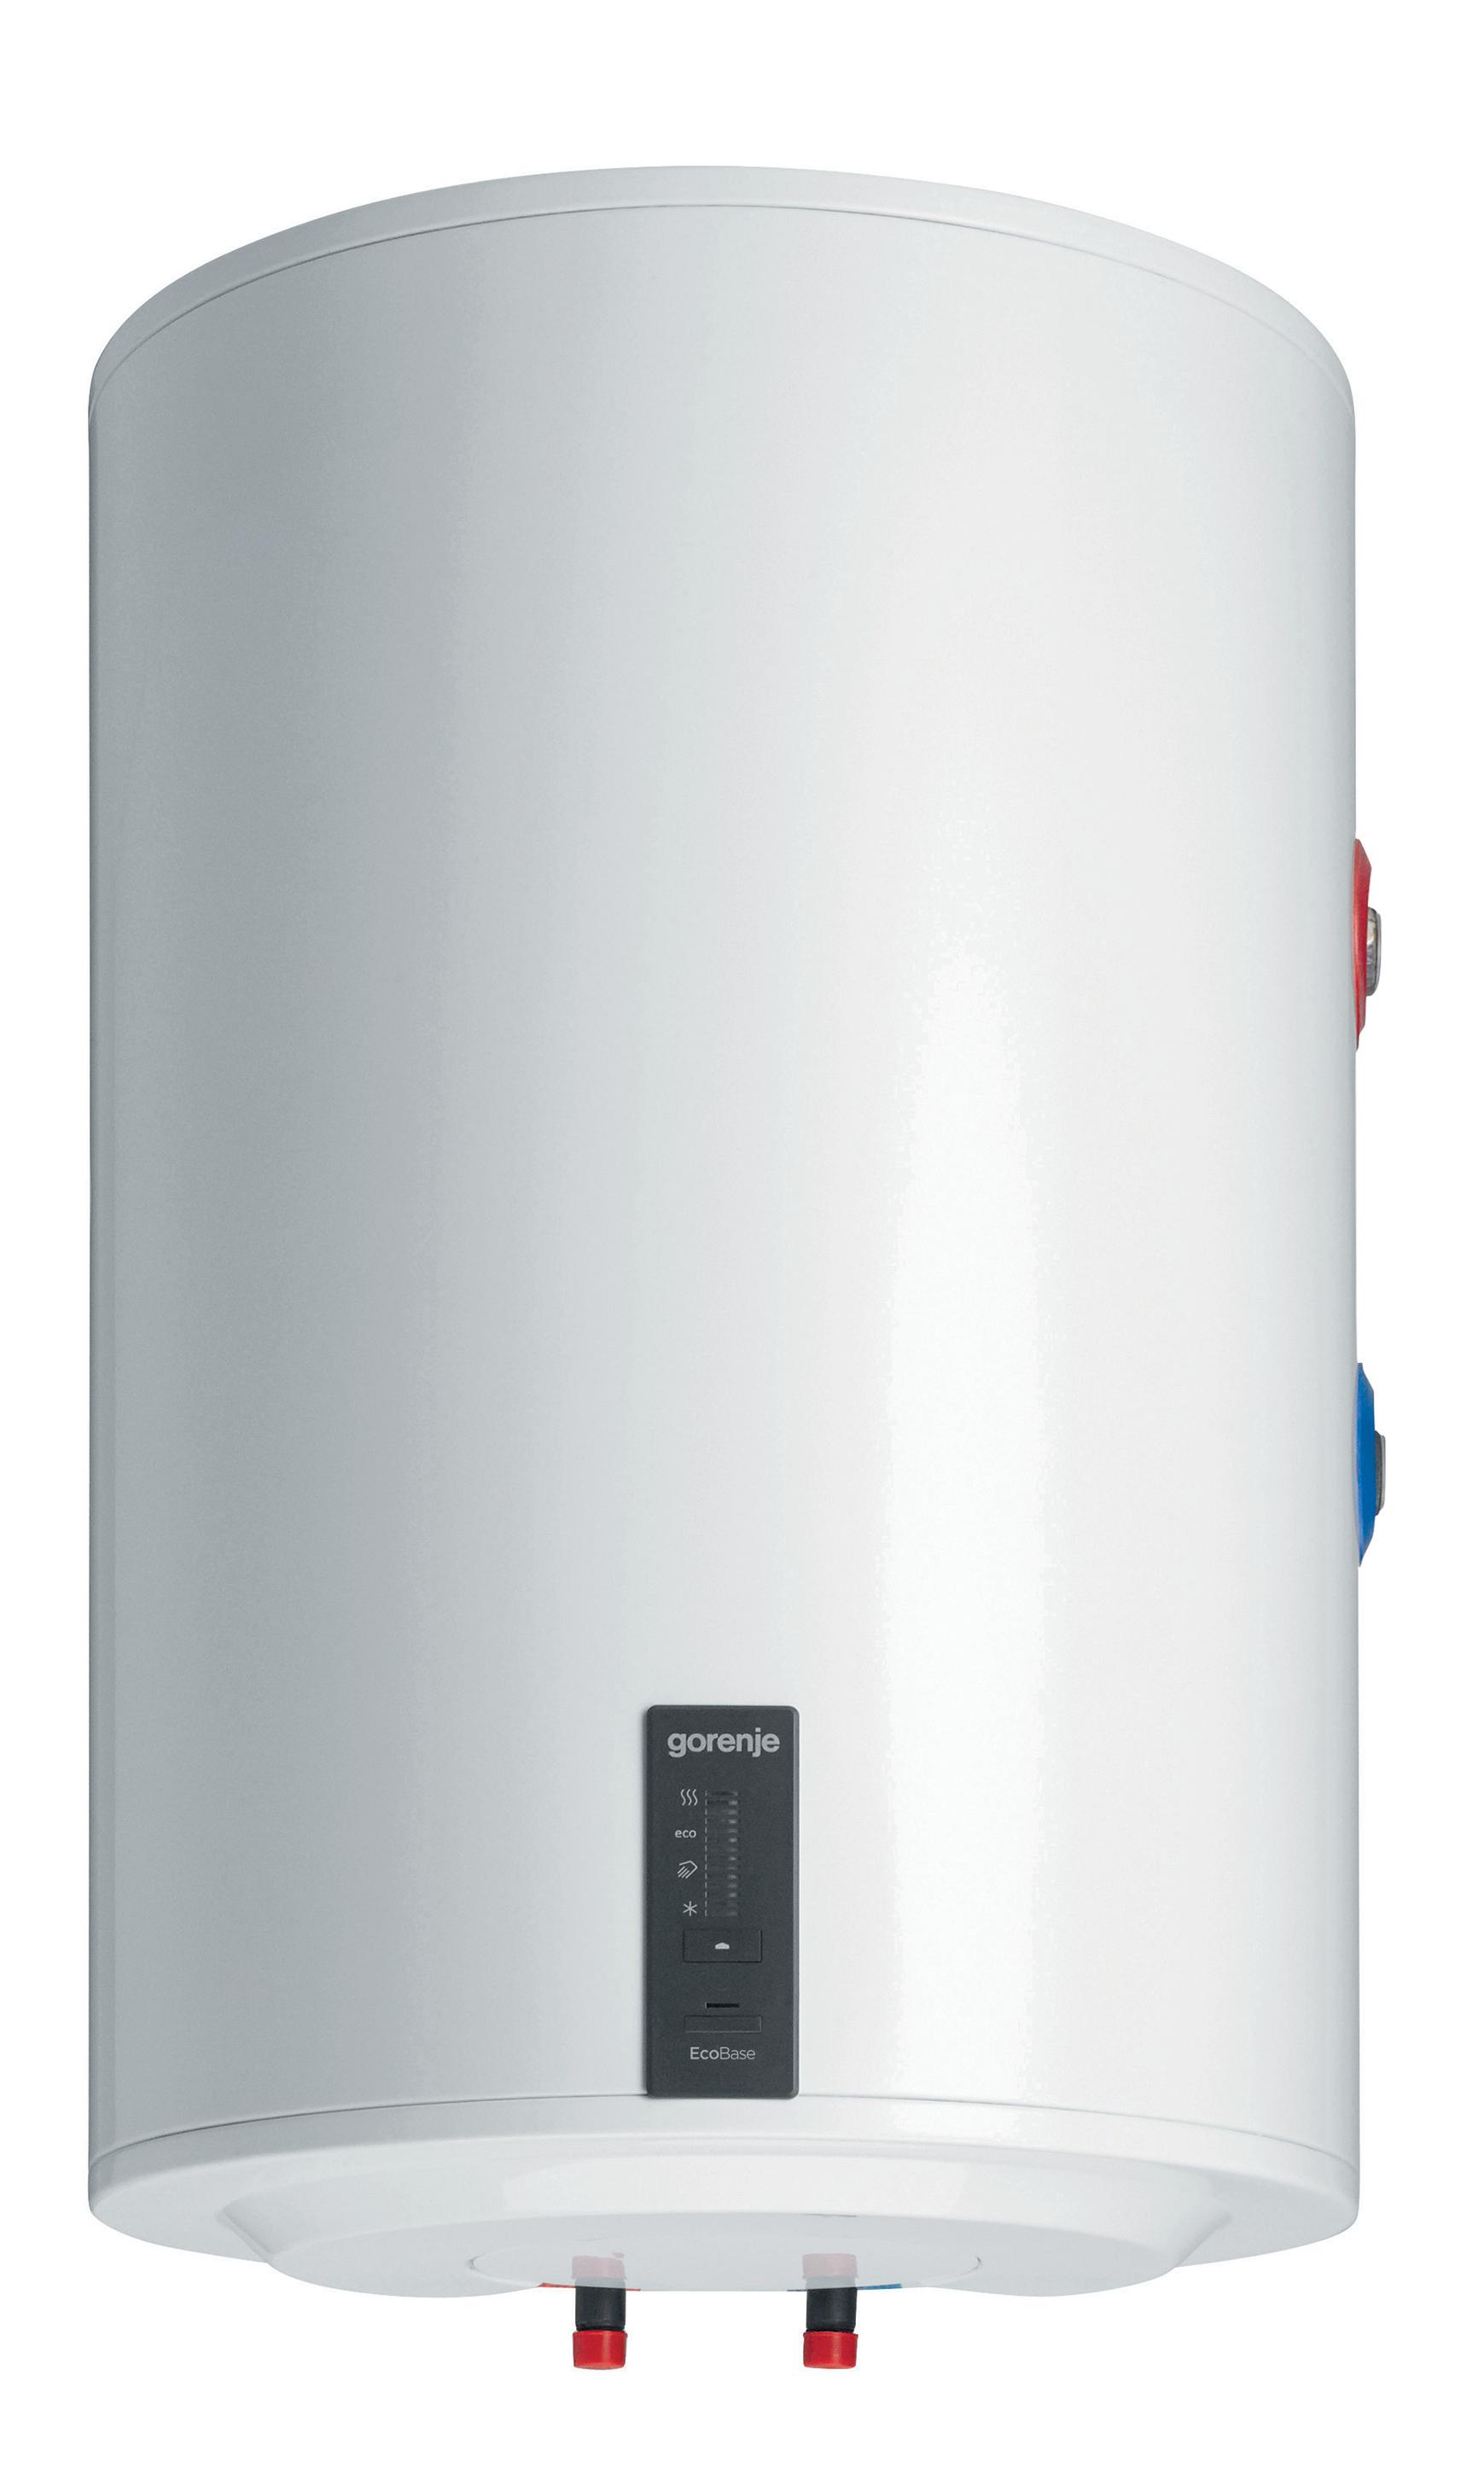 Водонагреватель косвенного нагрева Gorenje GBK100ORRNB6 комбинированный (теплообменник + ТЭН)